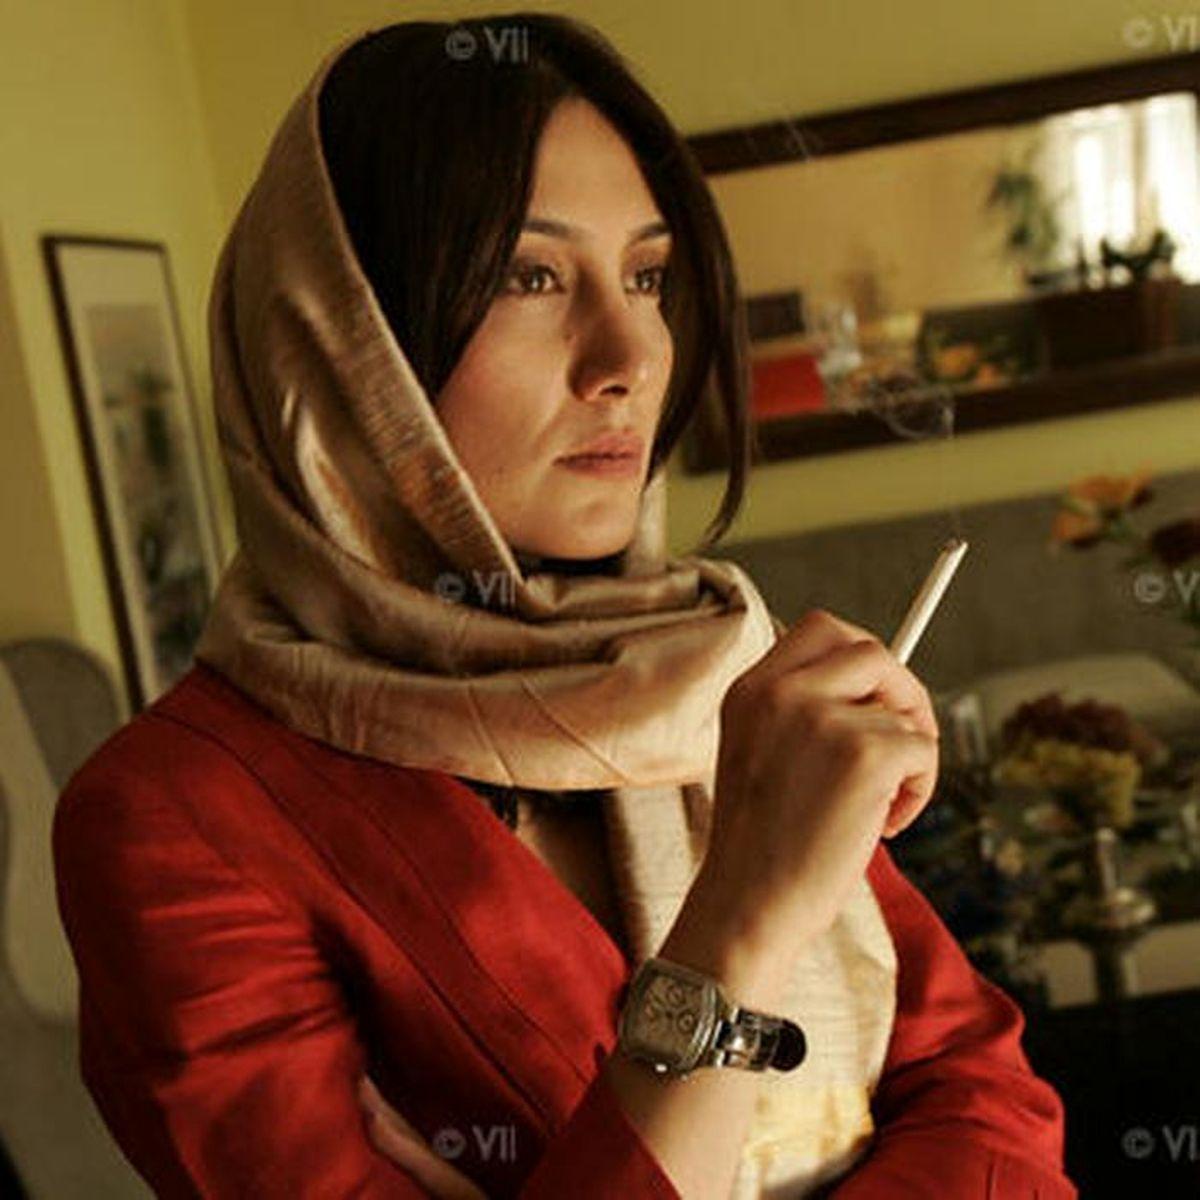 سیگار کشیدنِ هدیه تهرانی در خانه + عکس